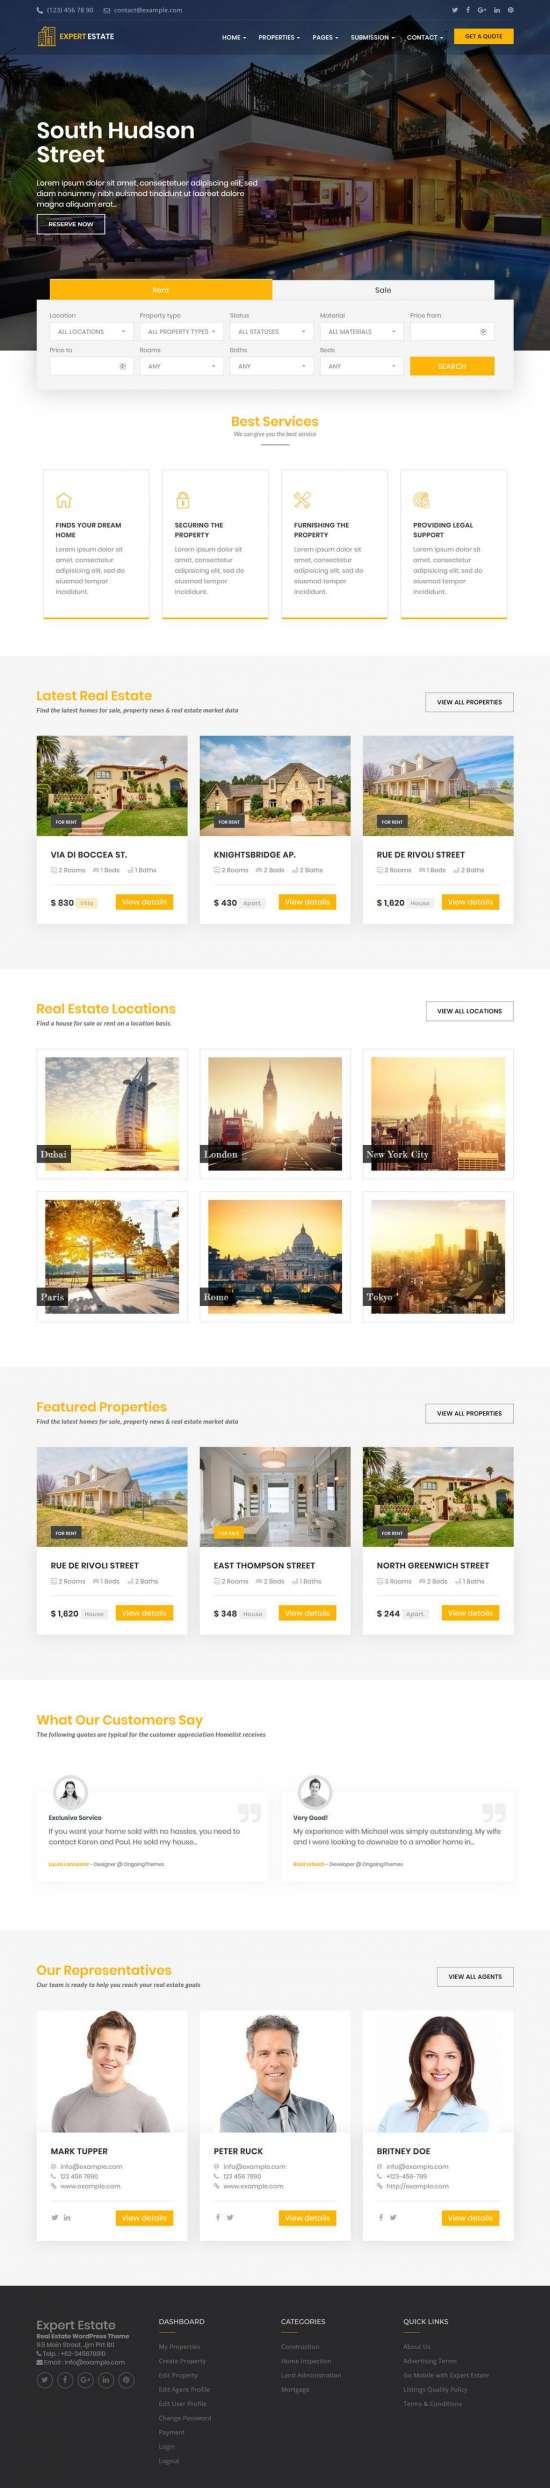 expertestate wordpress theme 01 550x2488 - ExpertEstate WordPress Theme